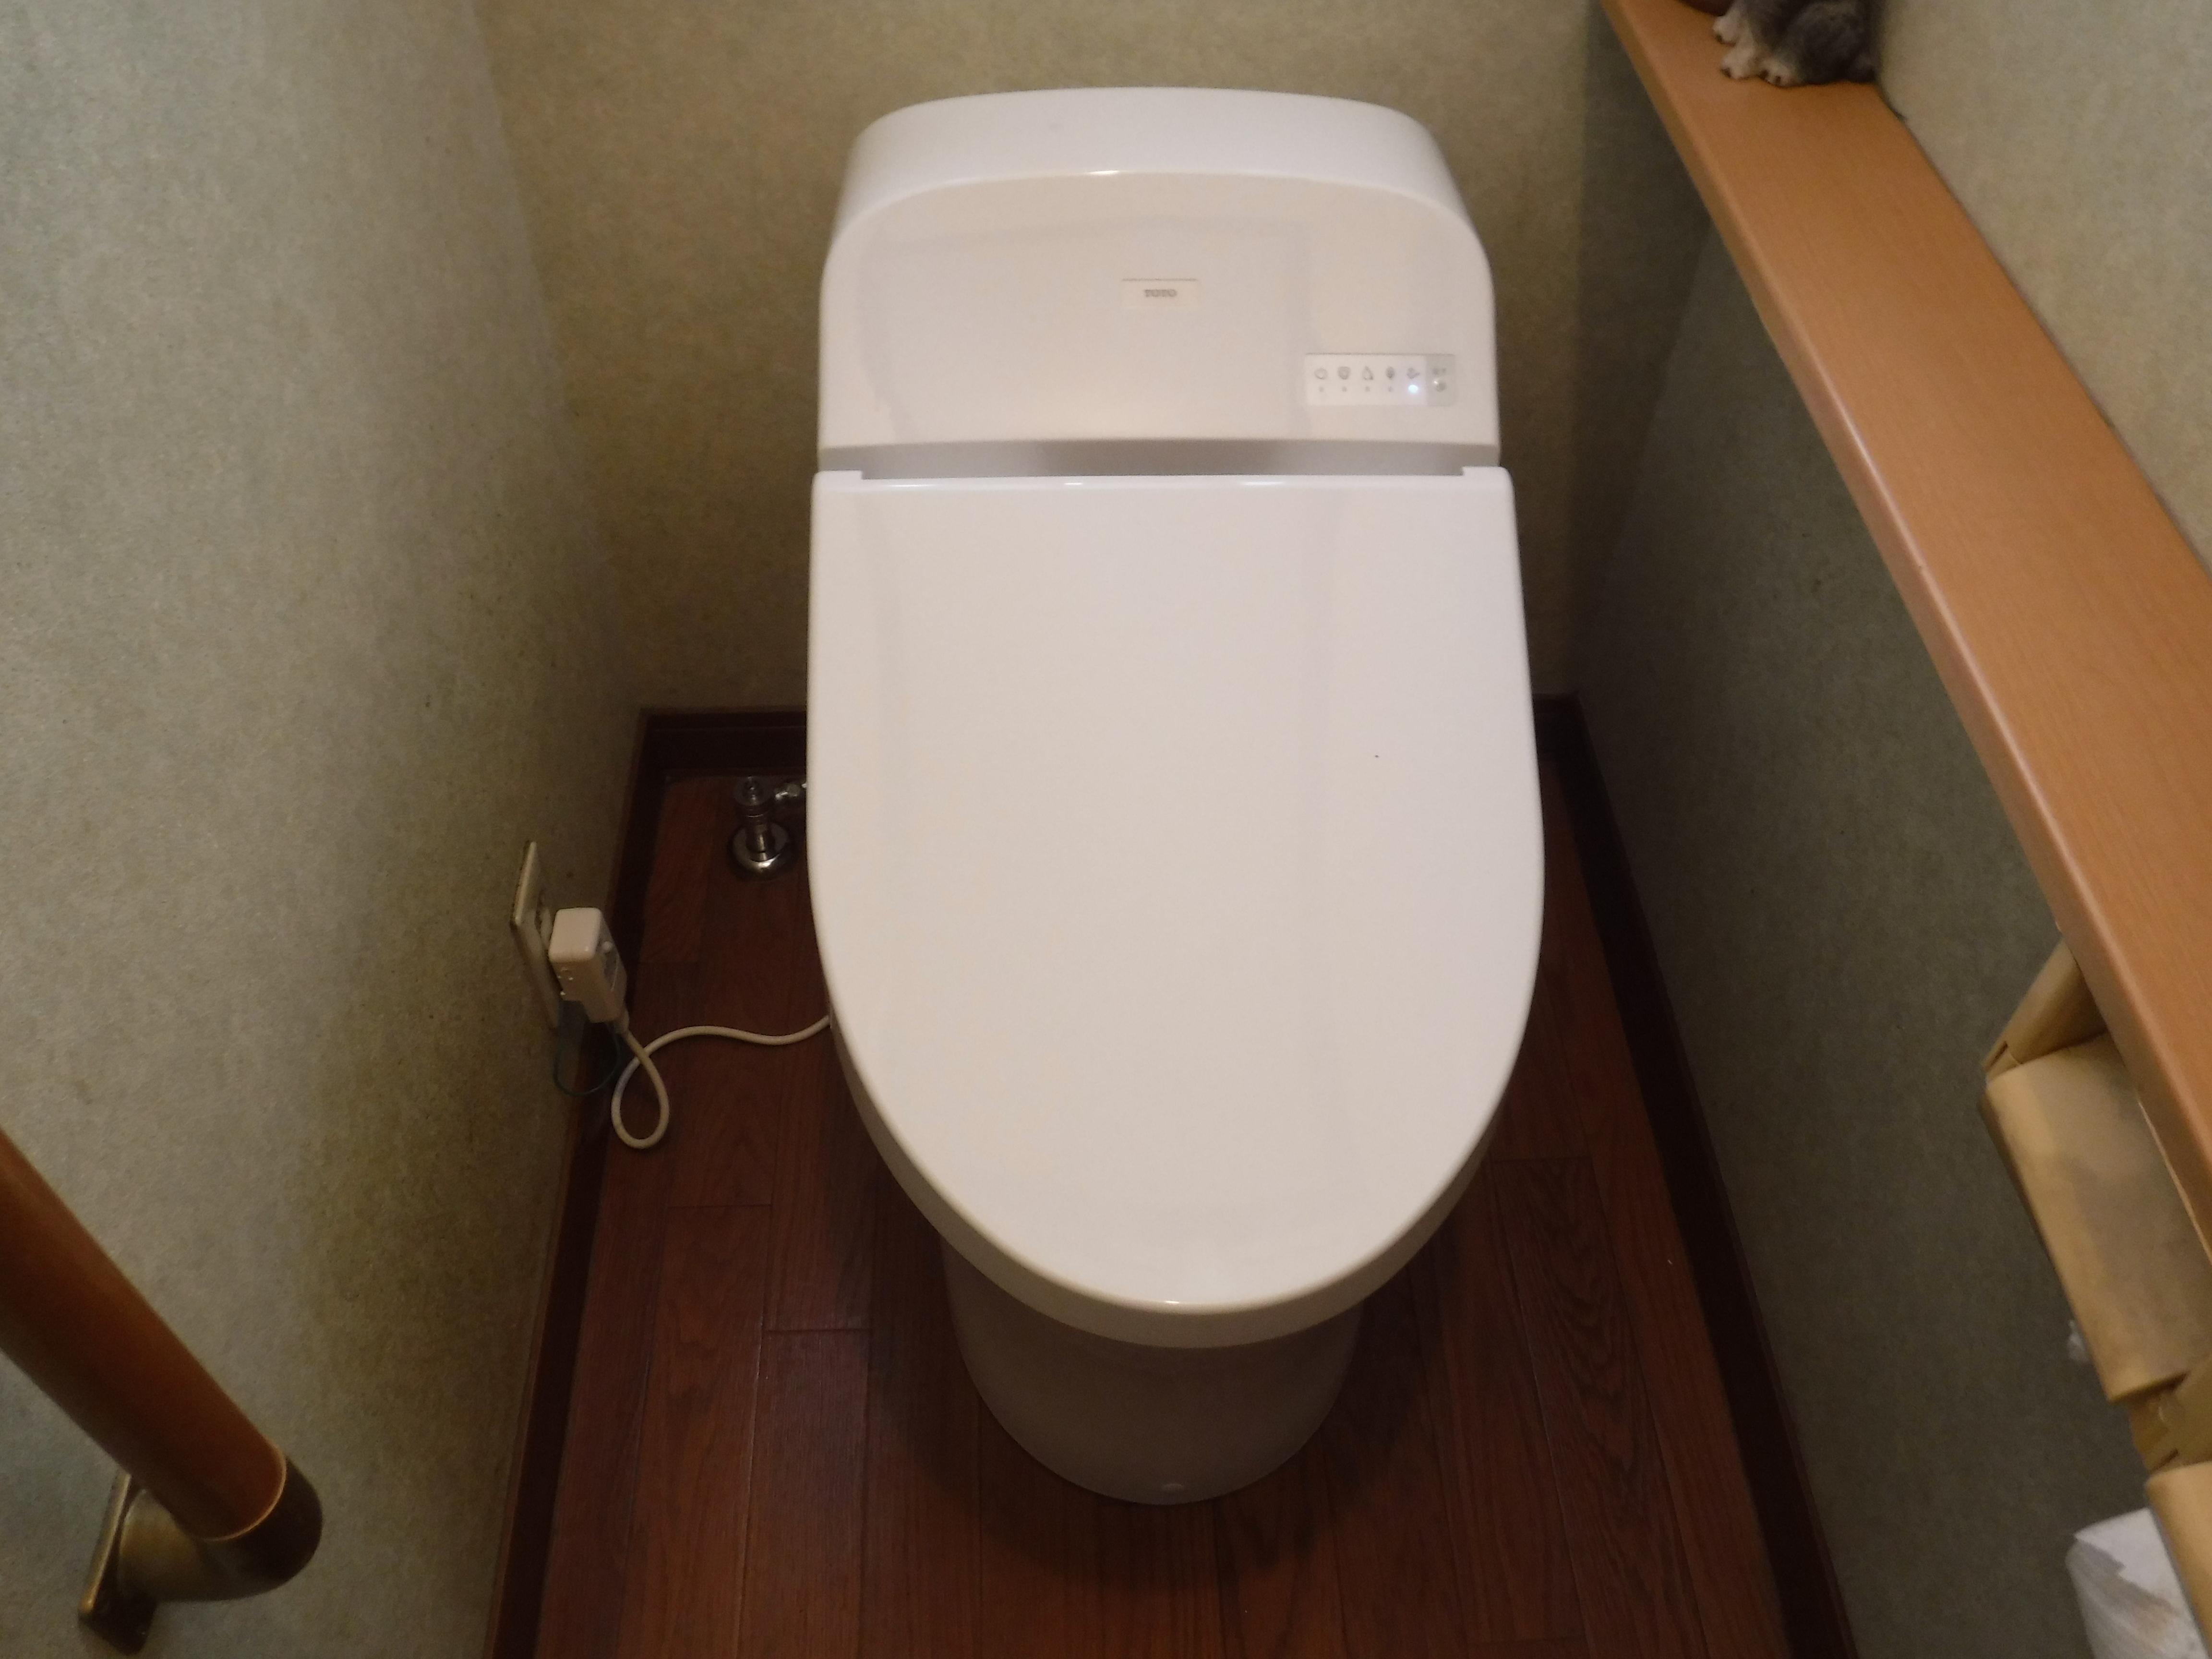 ハウスメーカーのオリジナルトイレ 一般のトイレでは?B